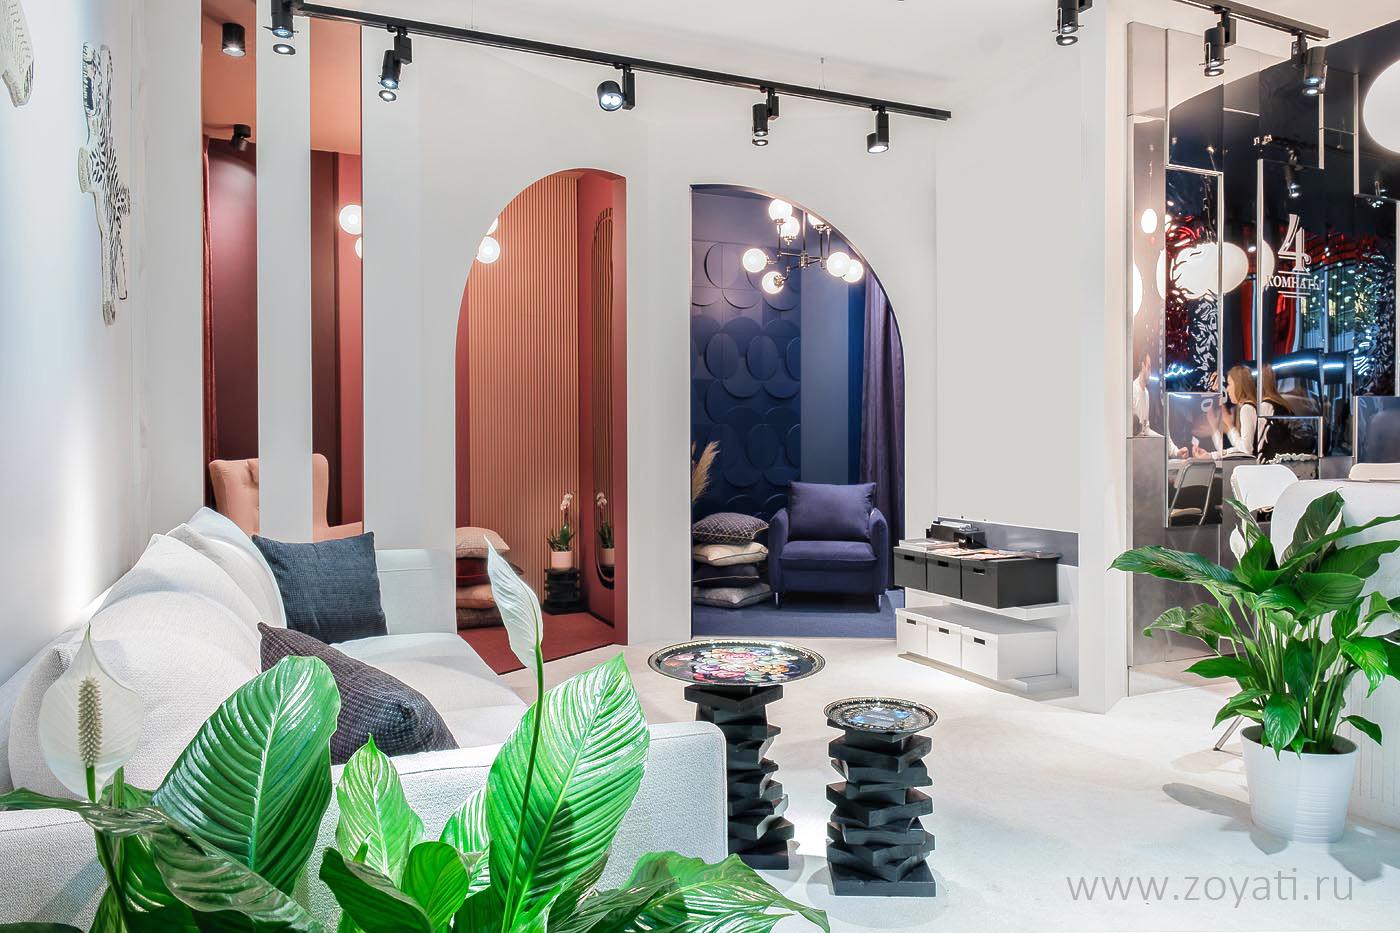 """Дизайн выставочного стенда """"4 комнаты"""" на Batimat Russia 2020, дизайнер: Зоя Ти"""